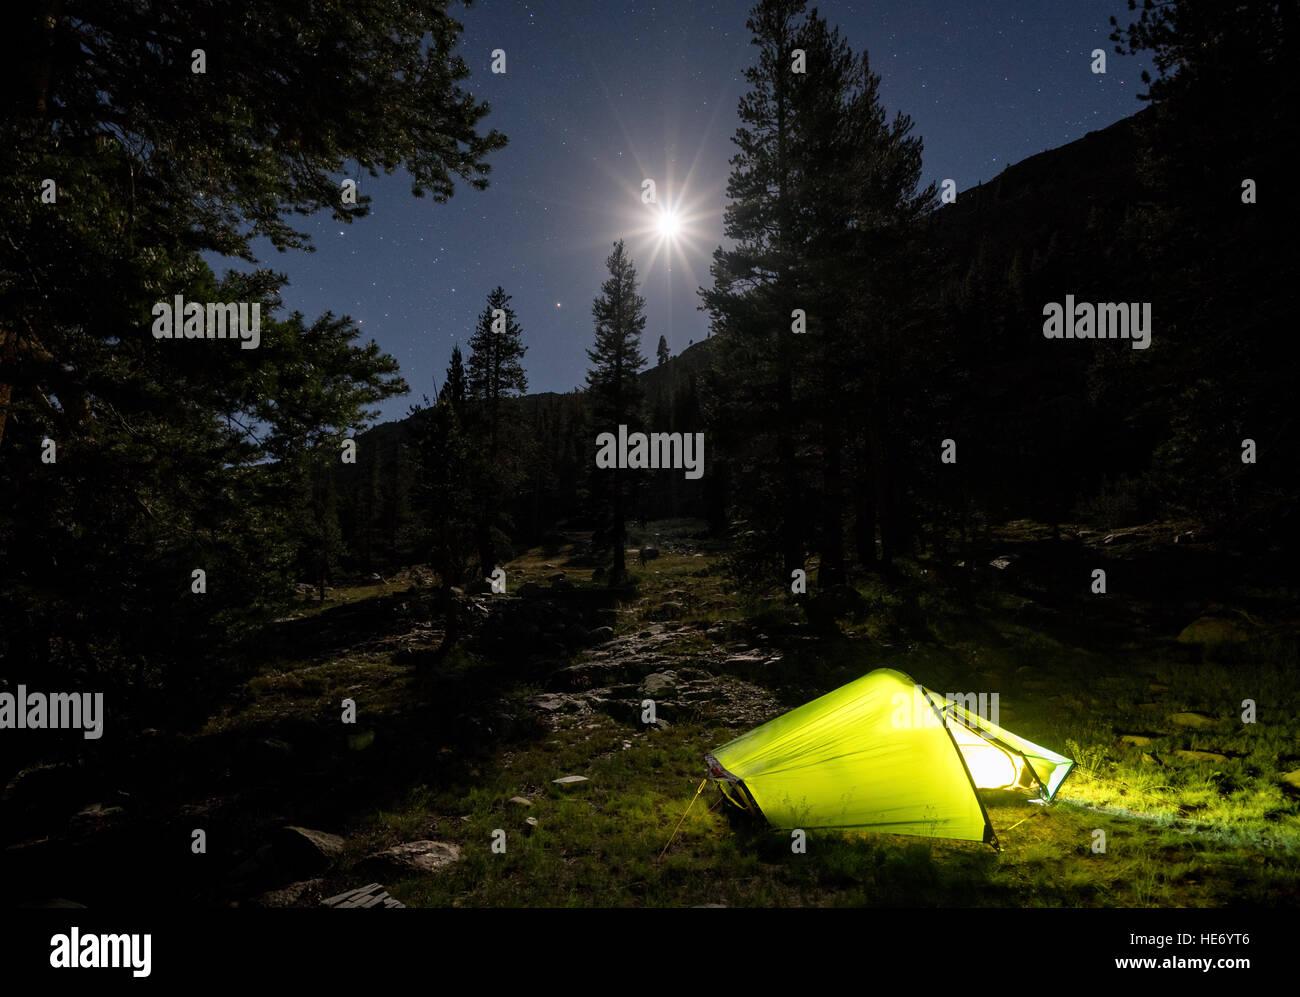 Camping dans le Parc National Kings Canyon, Californie, États-Unis d'Amérique, Amérique du Nord Photo Stock